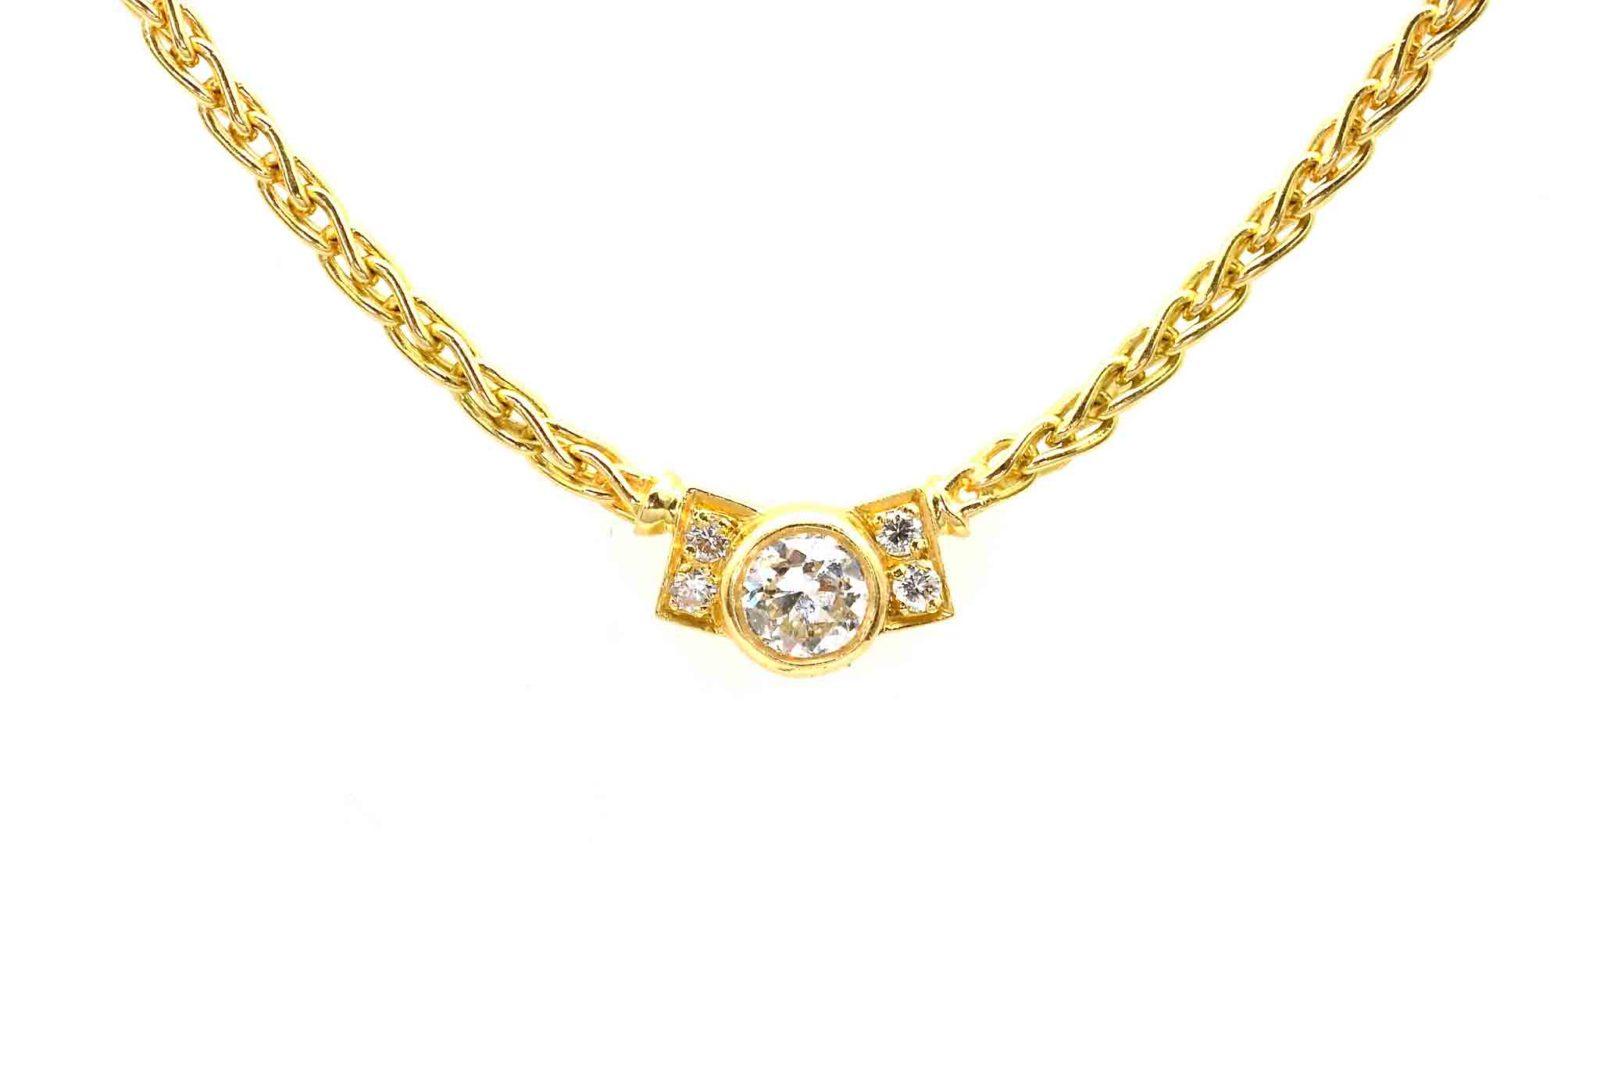 Collier diamant en or jaune